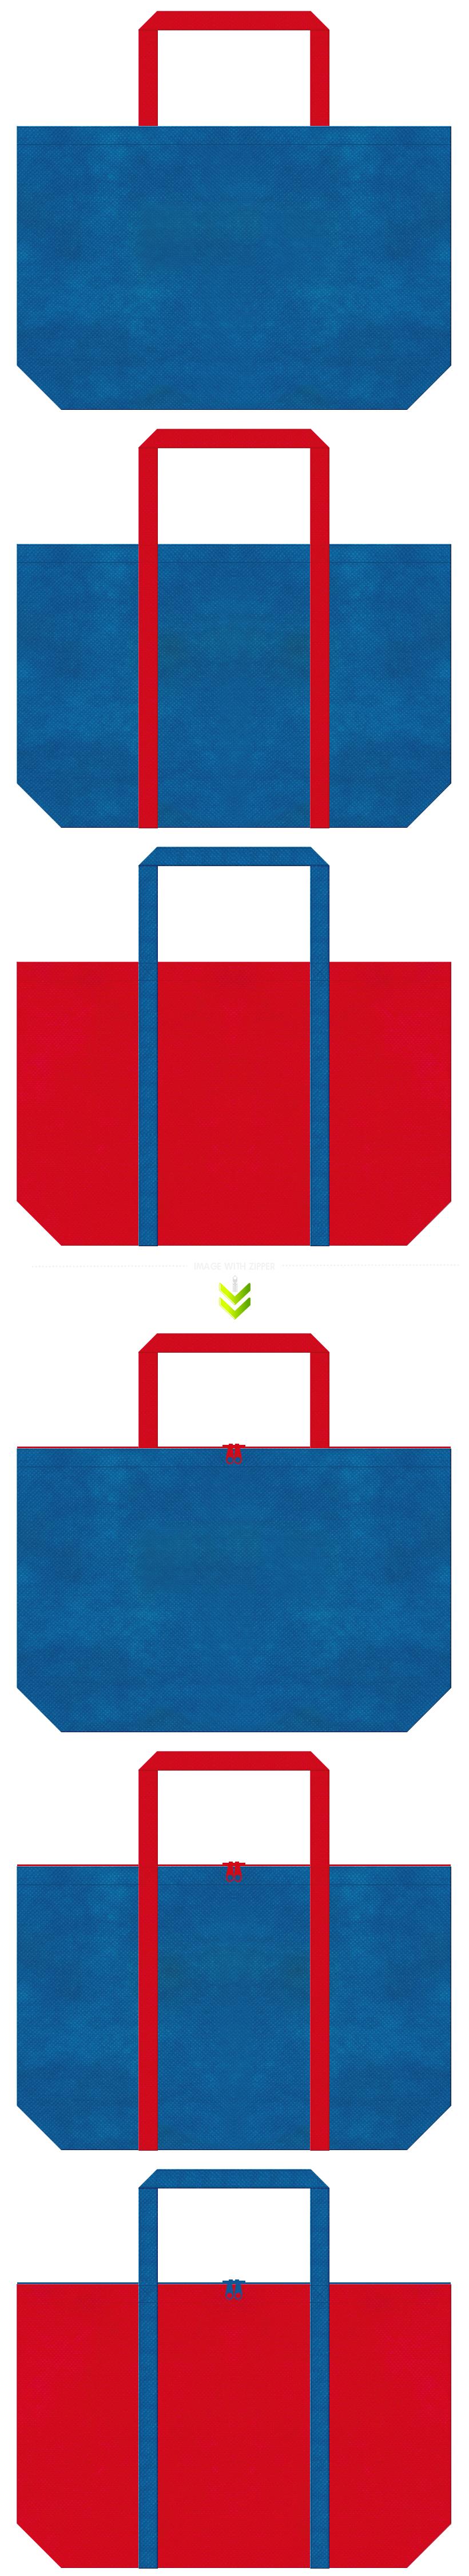 青色と紅色の不織布エコバッグのデザイン